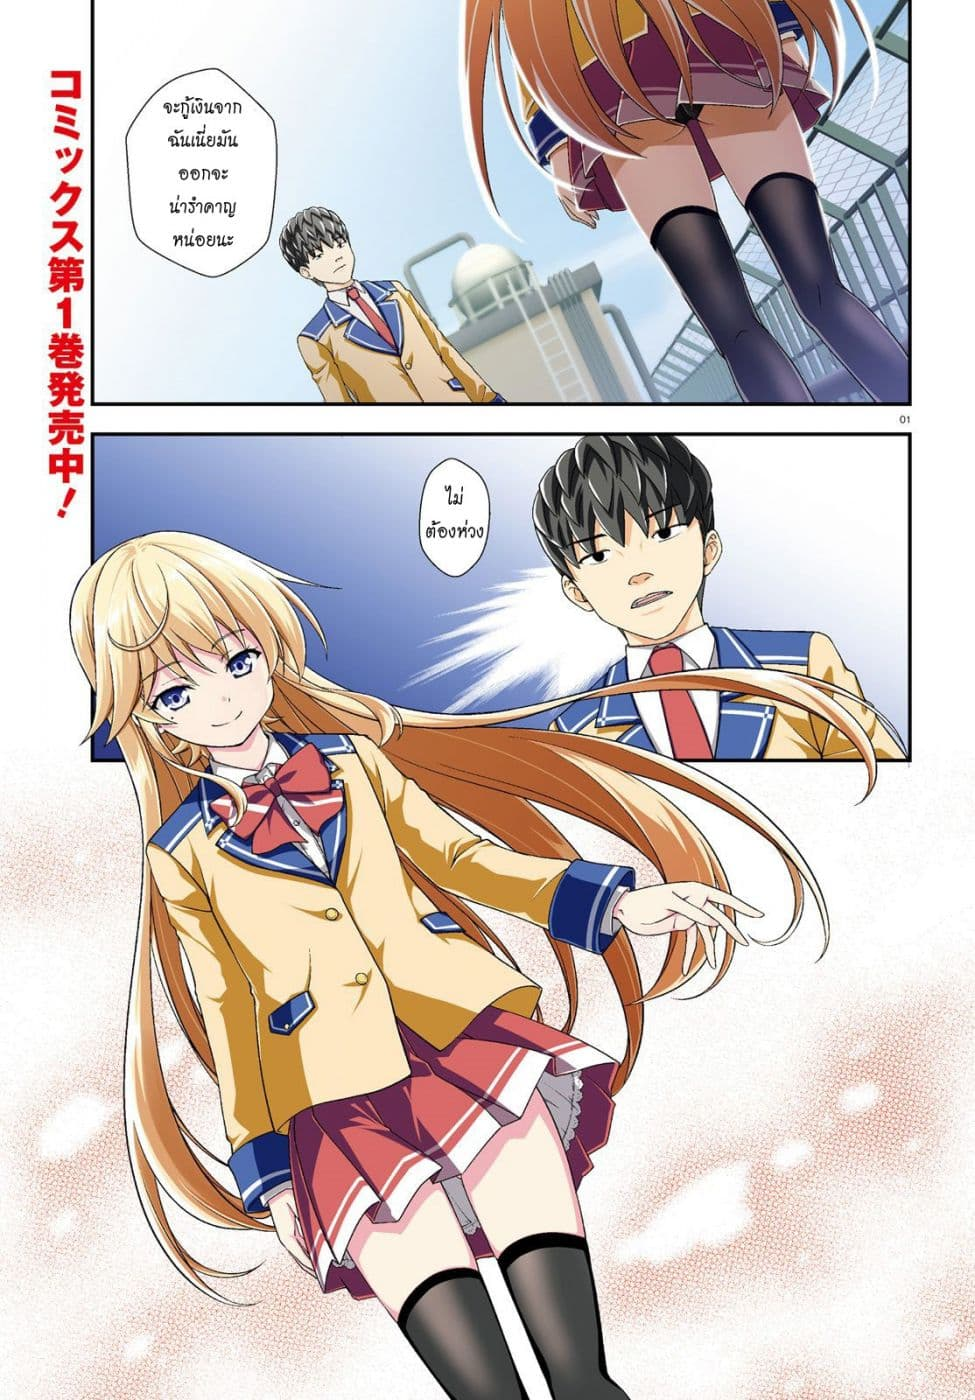 อ่านการ์ตูน Nishino Gakunai Caste Saikai Ni Shite Ino Sekai Saikyo No Shonen ตอนที่ 6 หน้าที่ 1